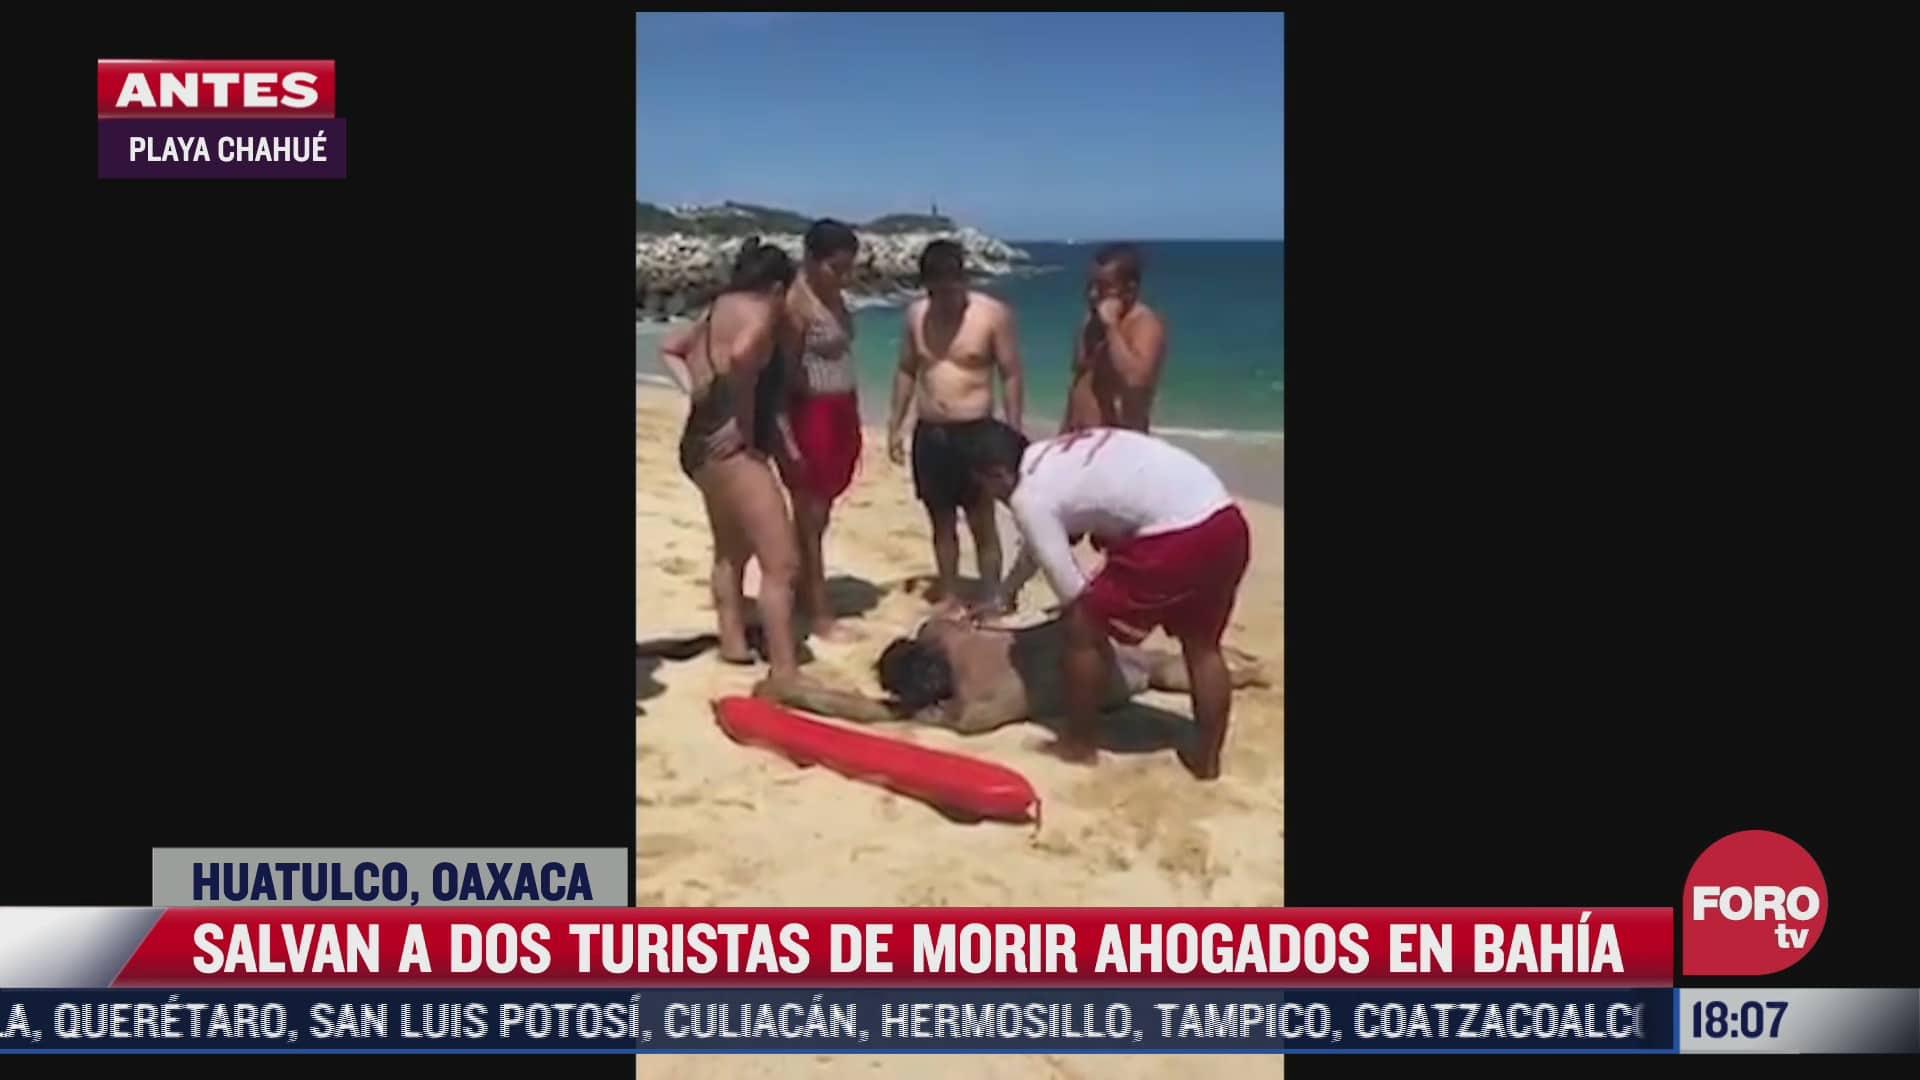 salvan a dos turistas de morir ahogados en huatulco oaxaca